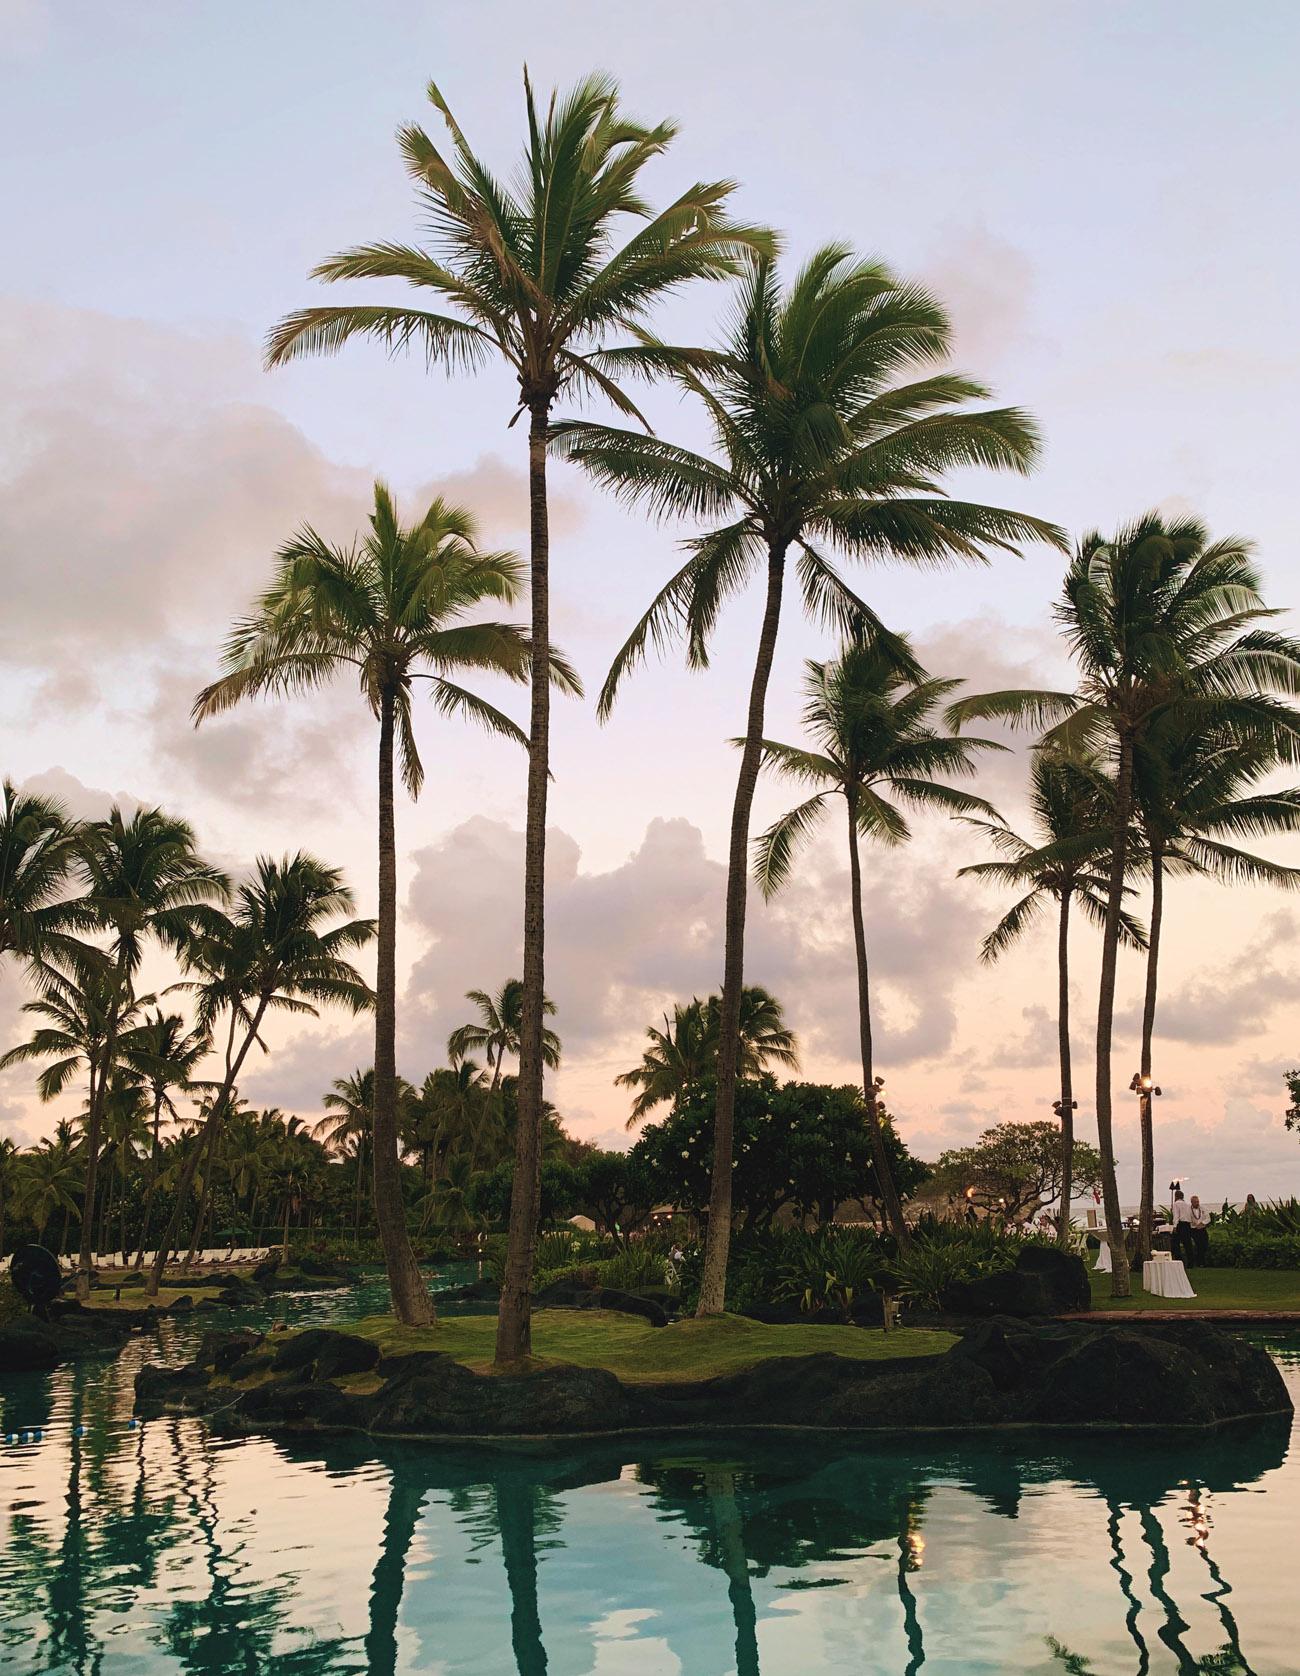 Sunset at the Grand Hyatt Resort & Spa in Kauai